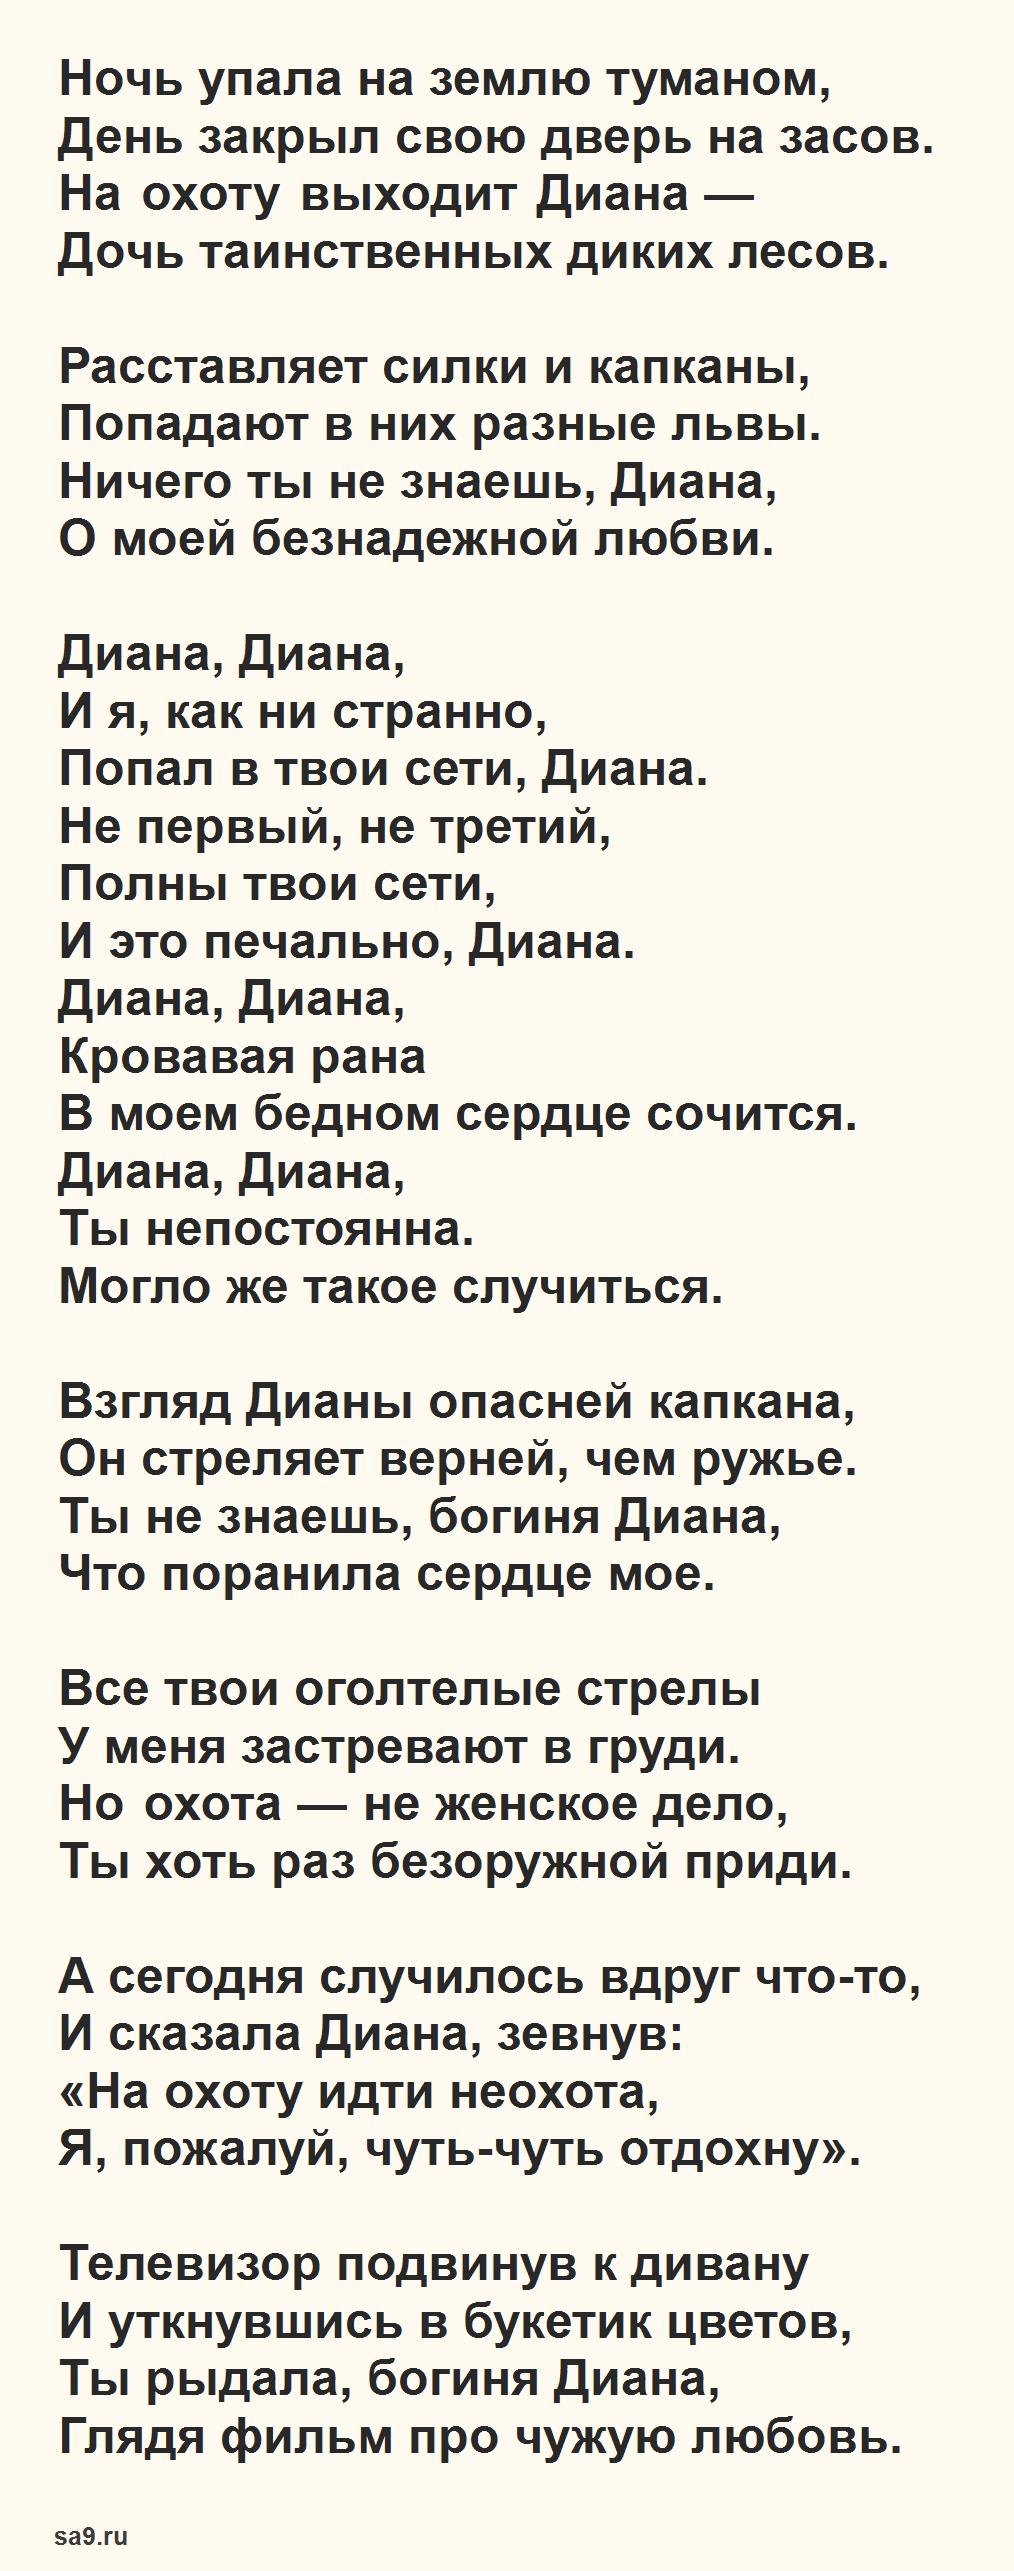 Лариса Рубальская стихи о женщине - Охотница Диана